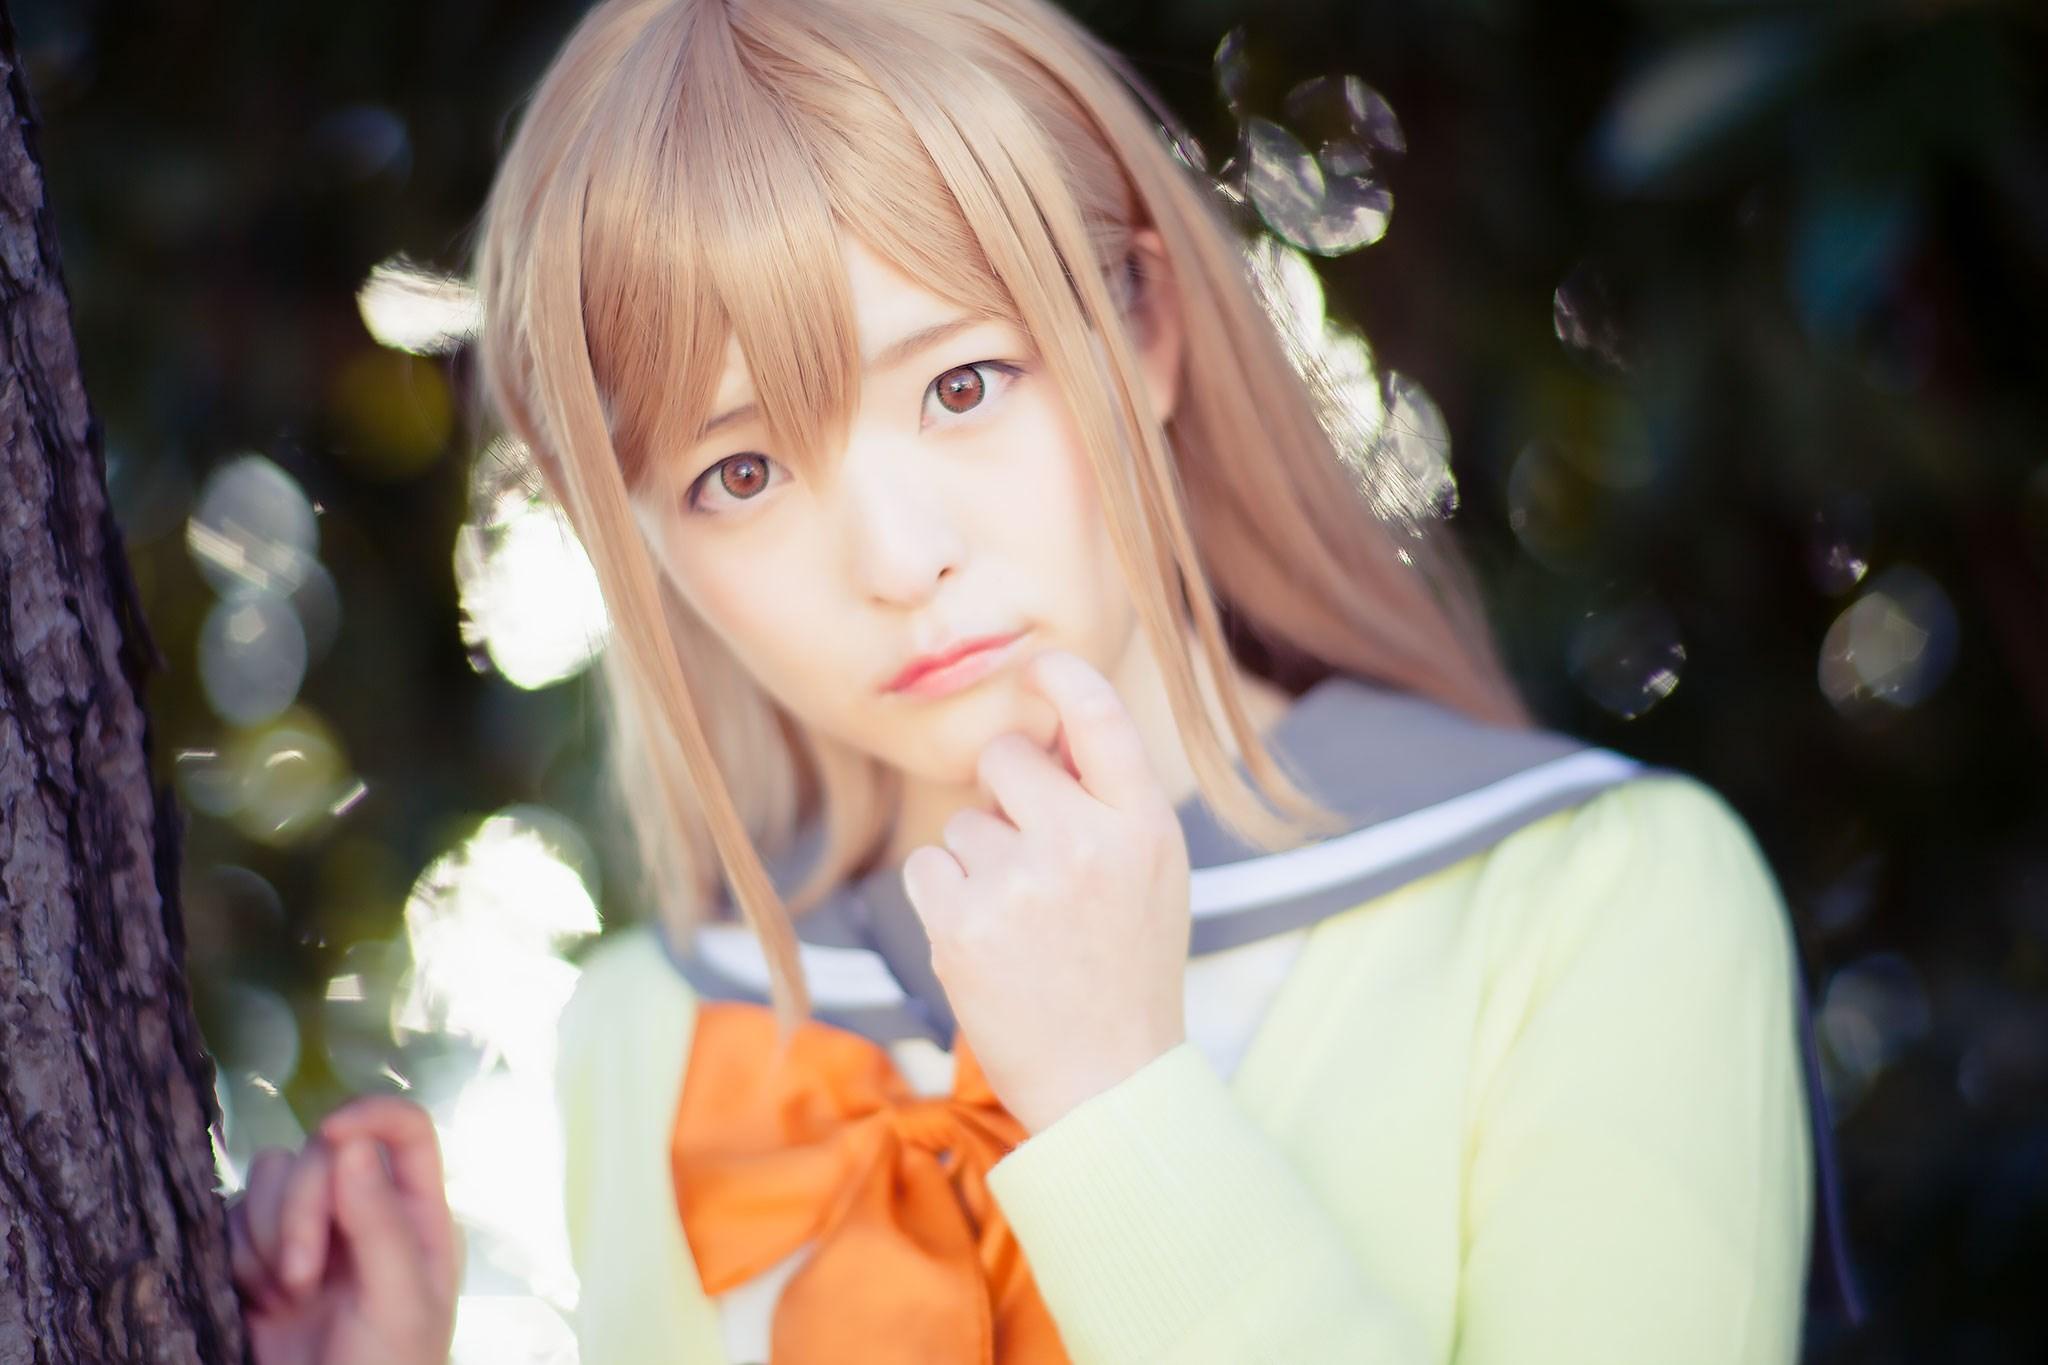 【兔玩映画】阳光与少女 兔玩映画 第36张